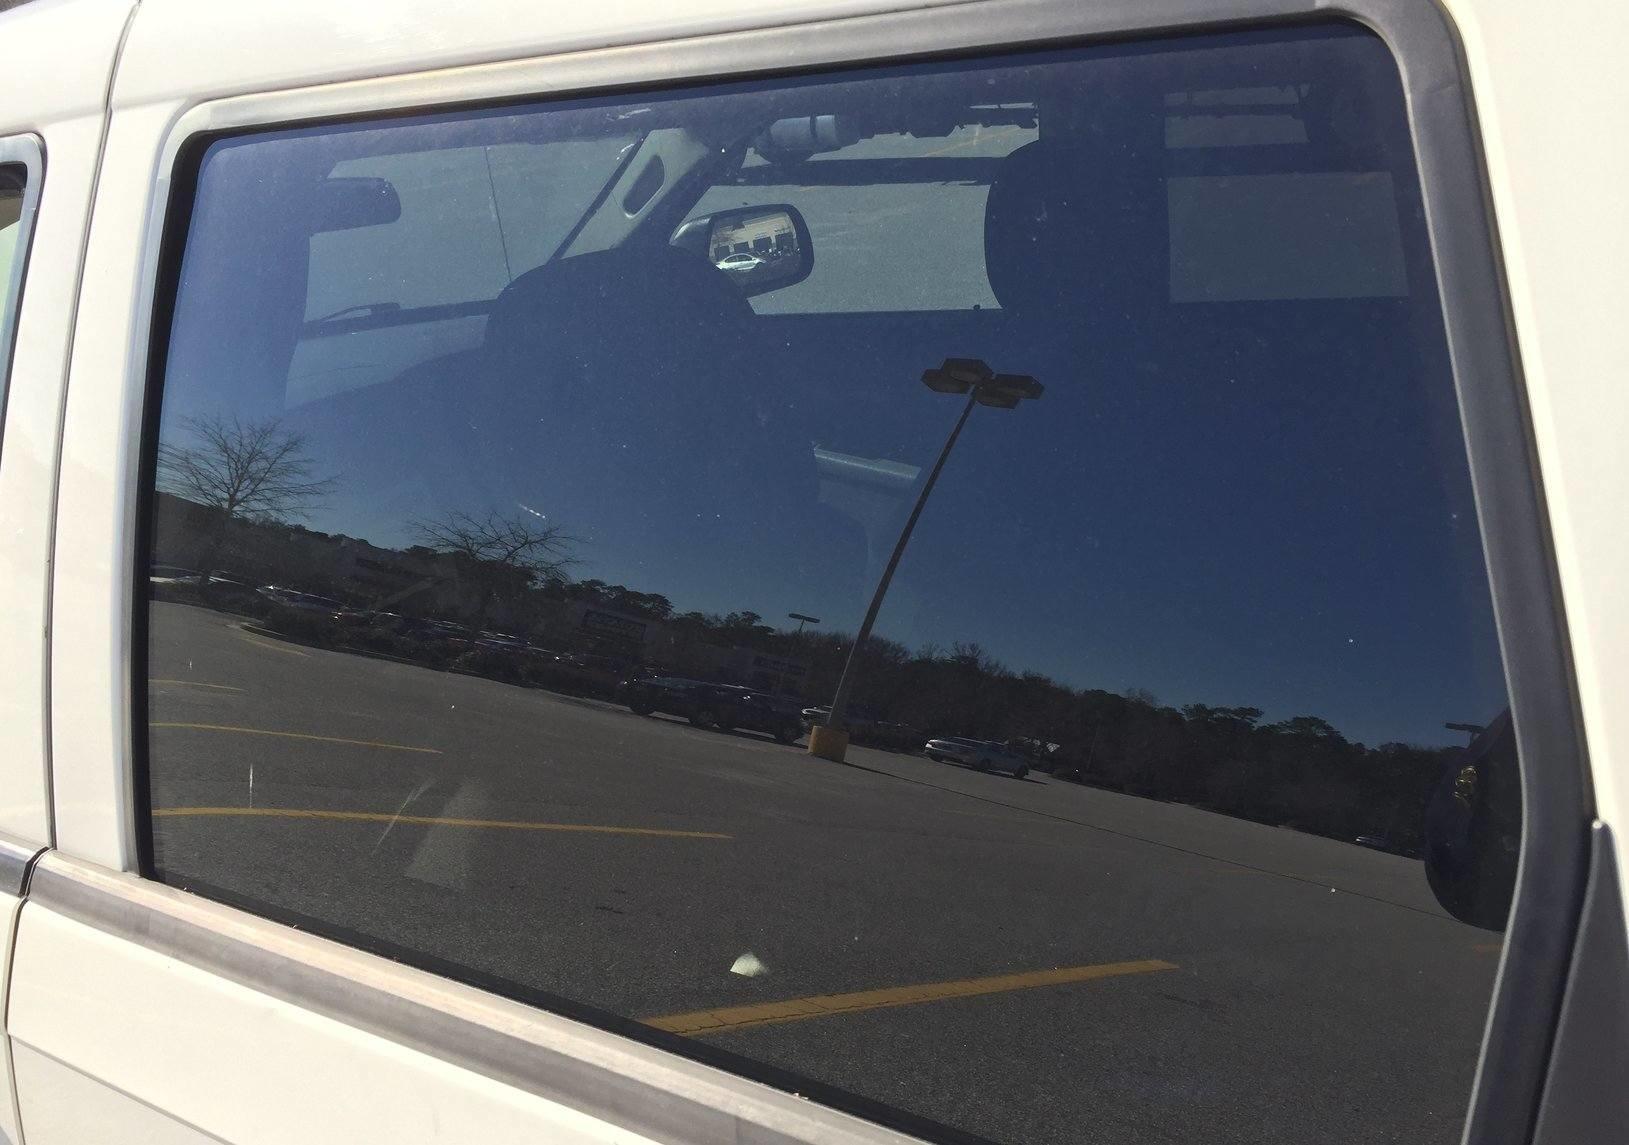 rsz_car_window_with_sun_131753